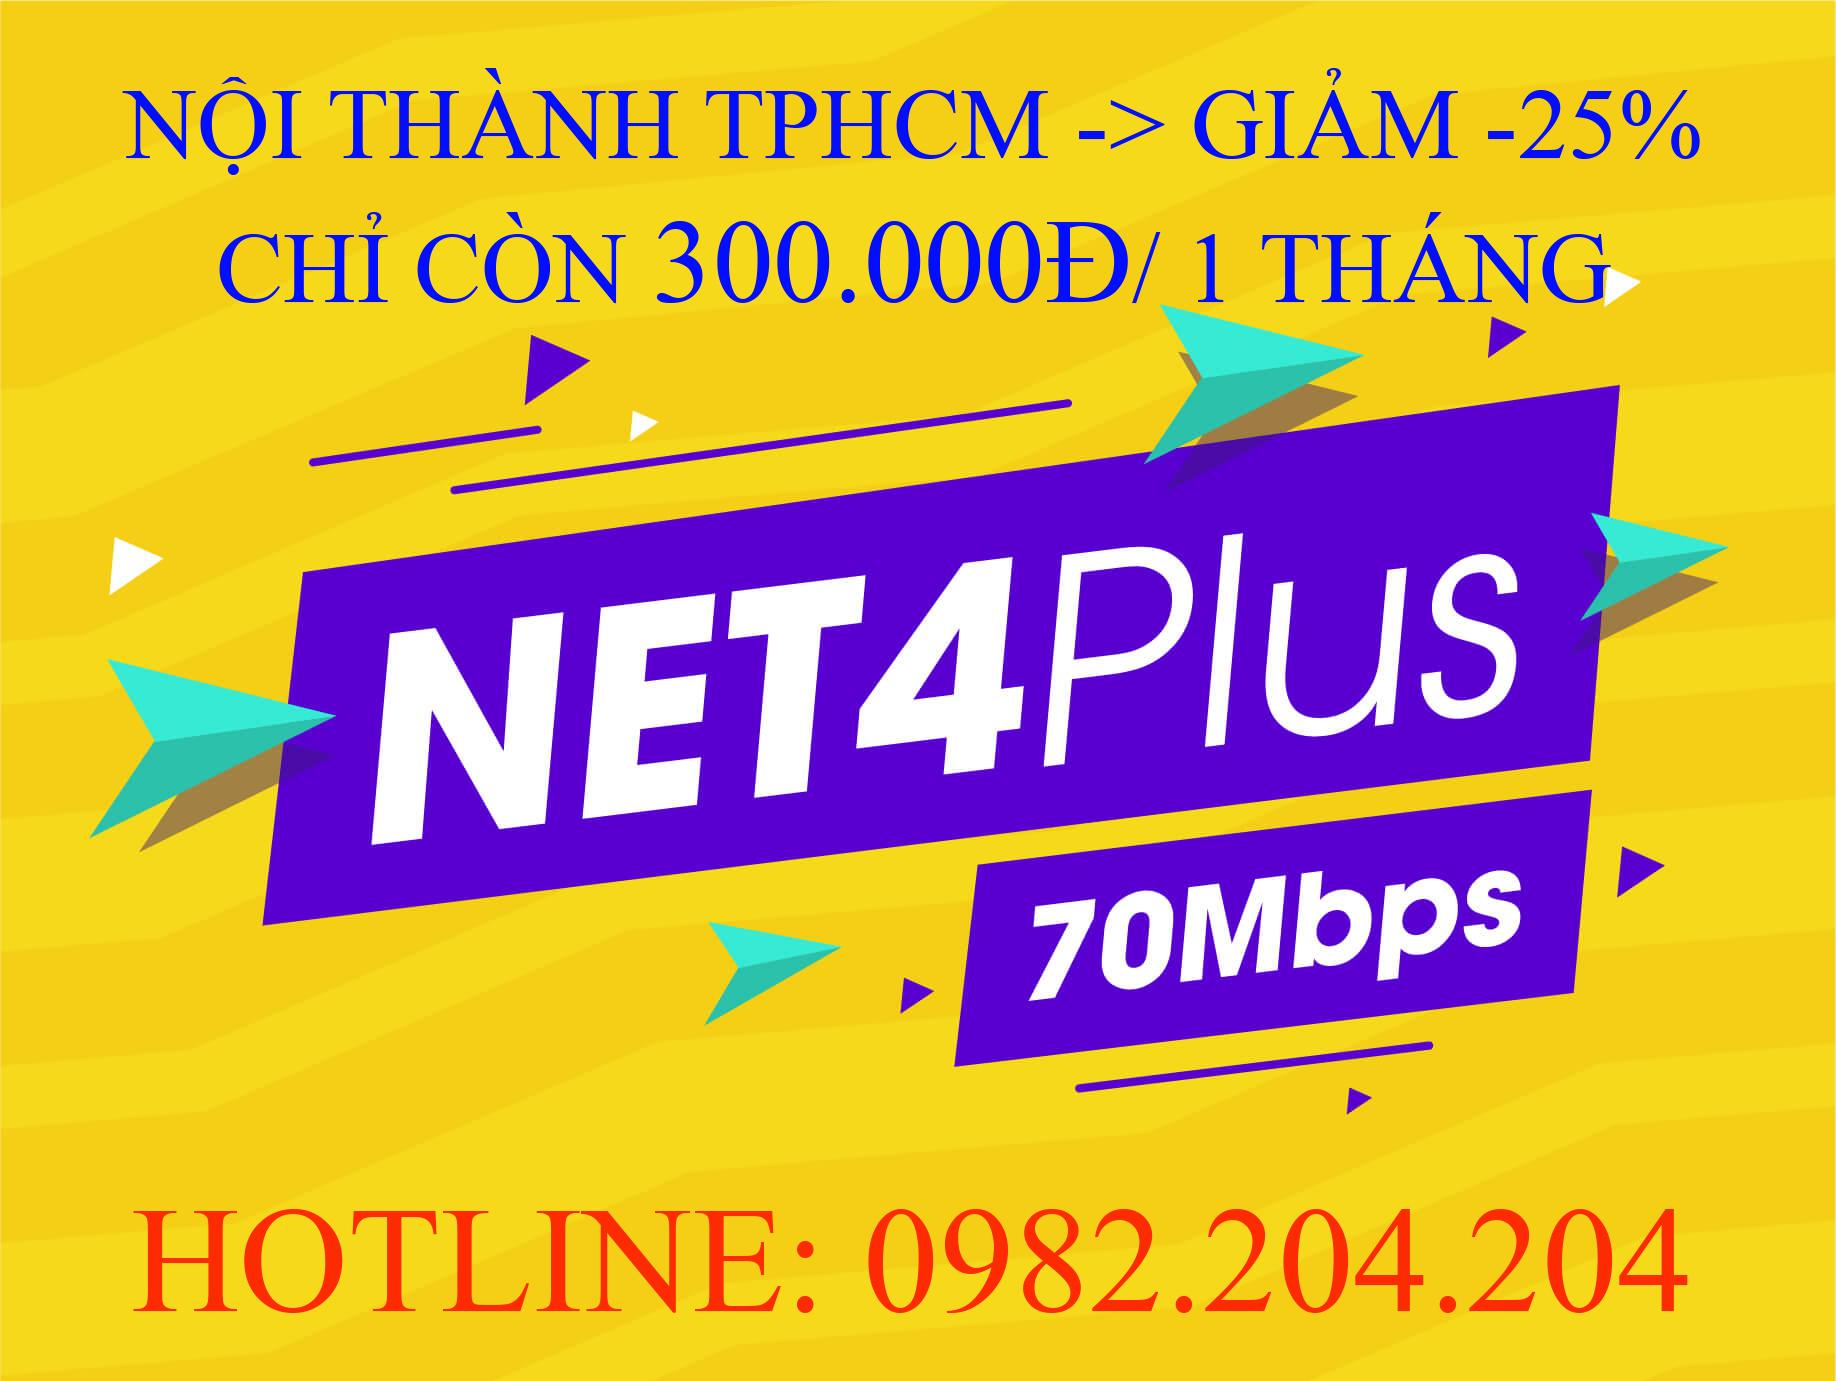 Lắp Mạng Cáp Quang Wifi Giá Rẻ TPHCM Nội Thành Gói Net 4 plus Viettel 70 Mbps